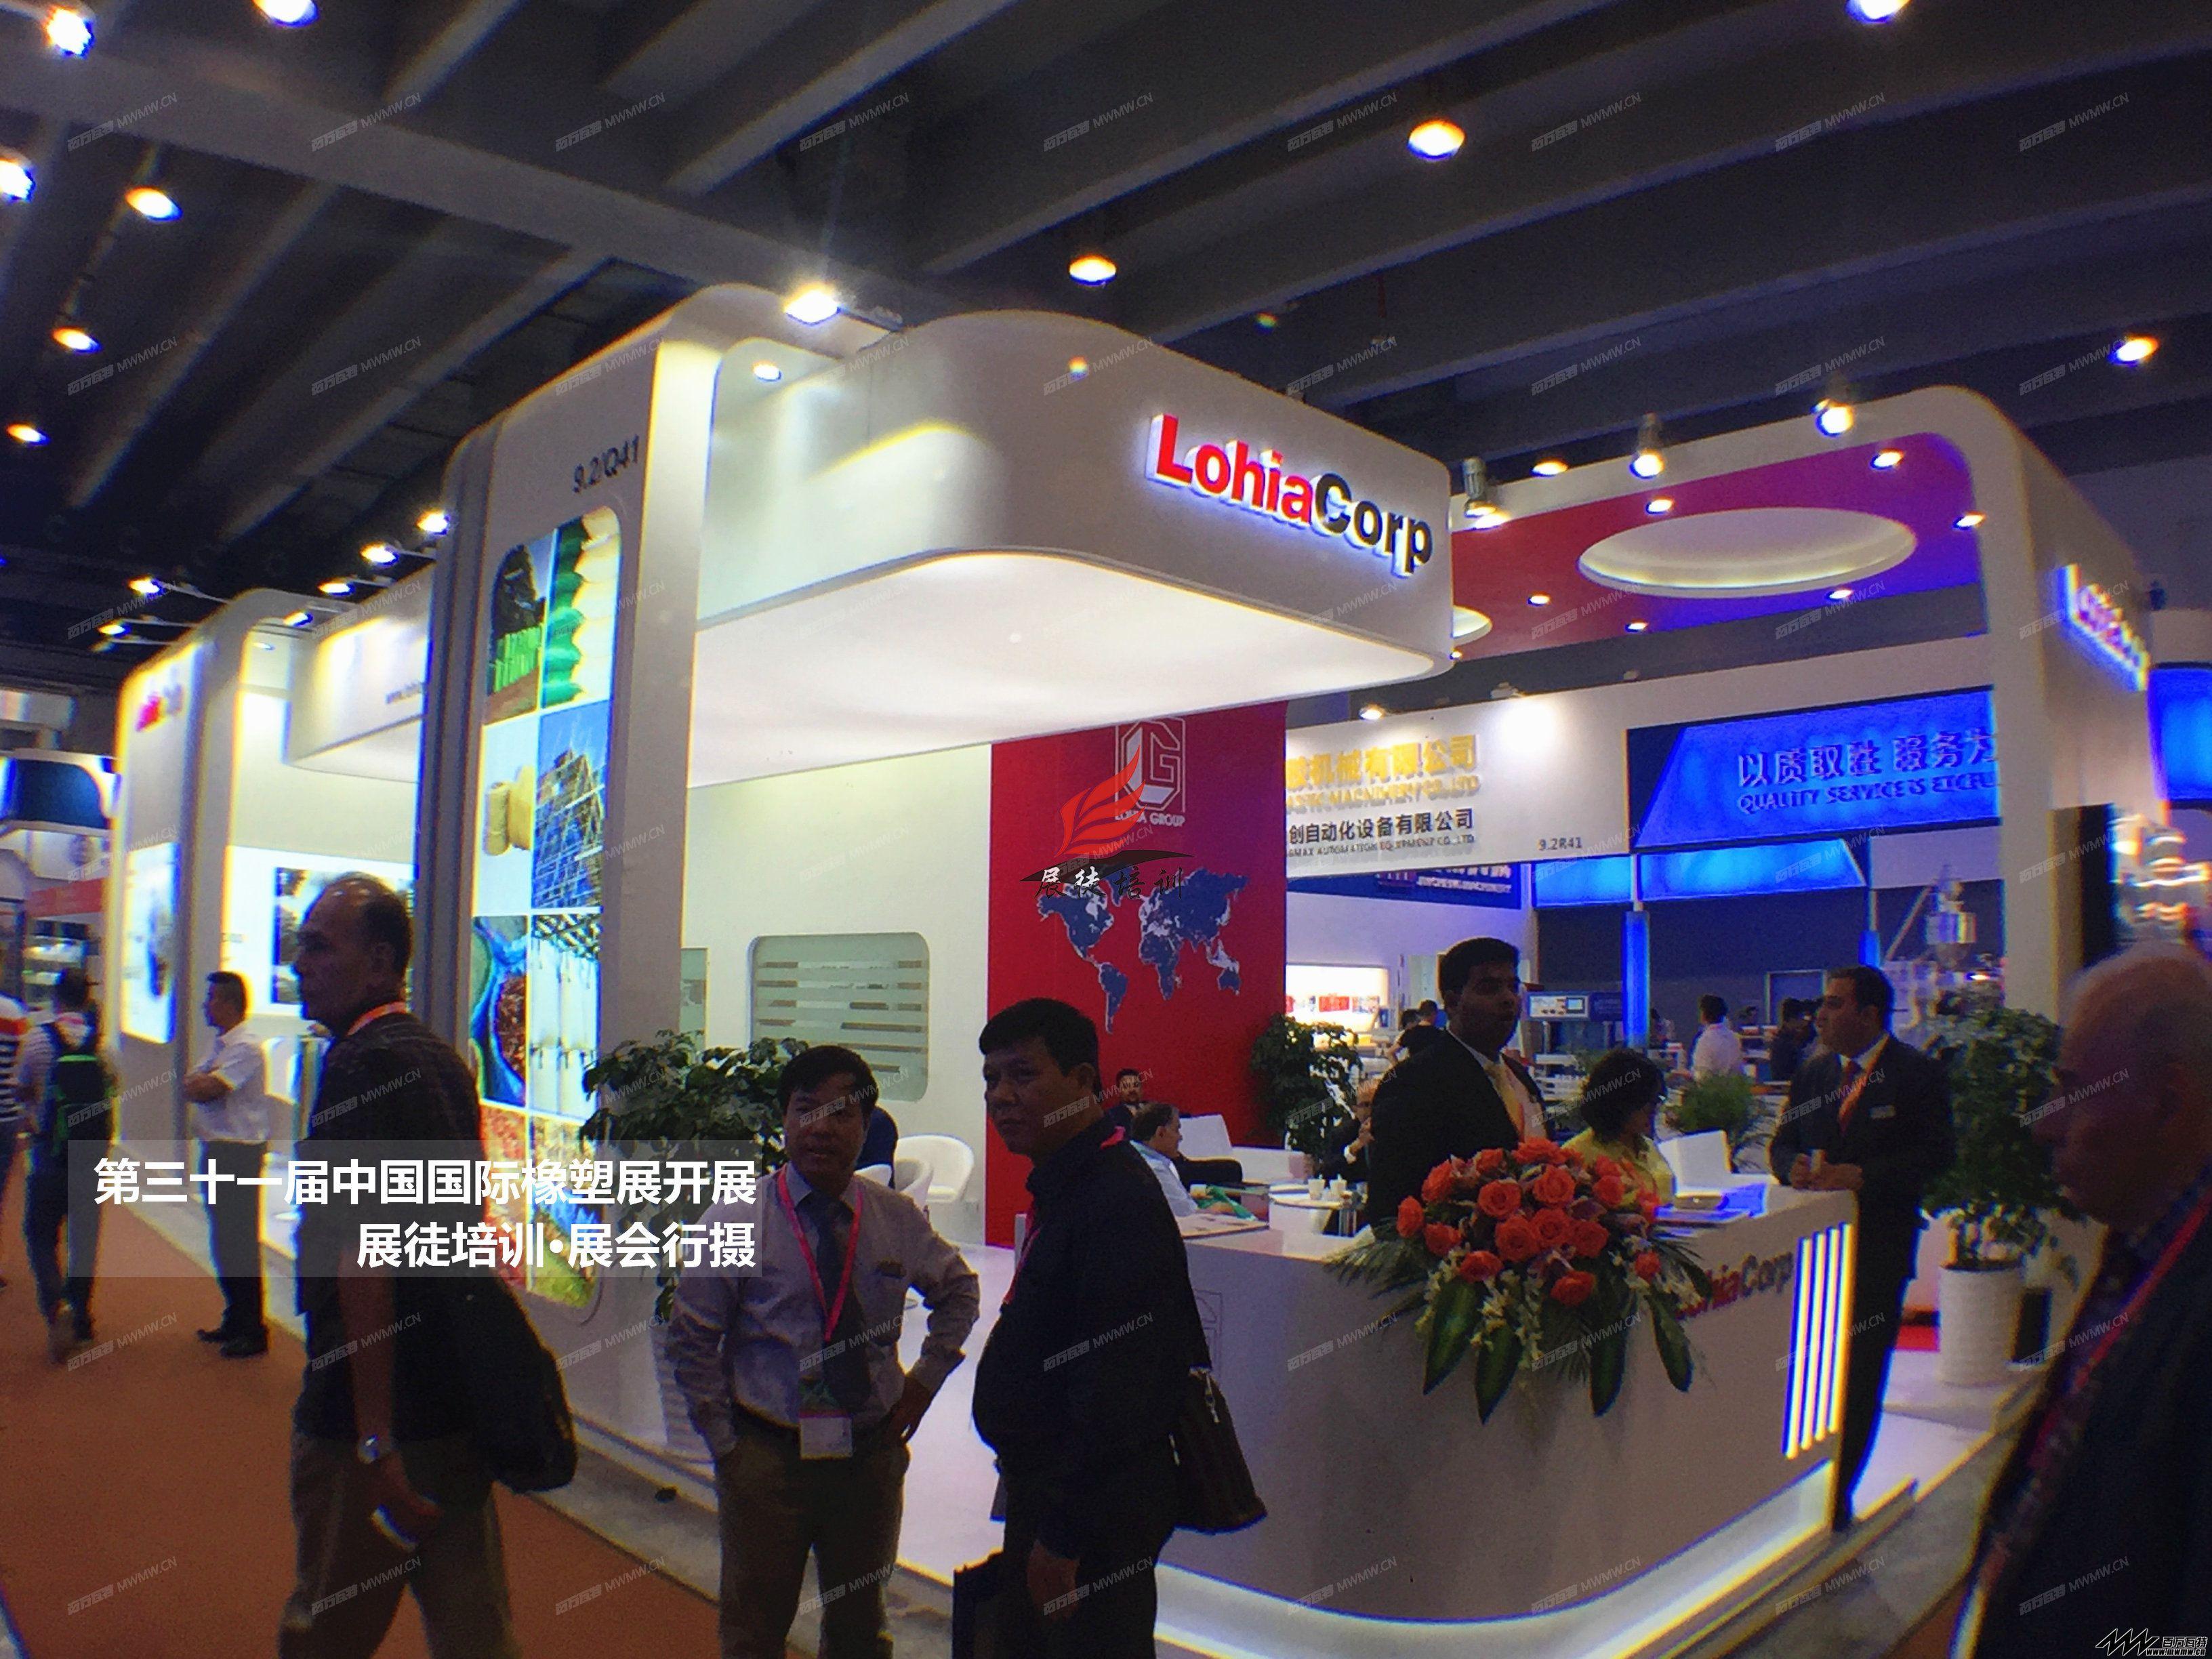 2017第三十一届中国国际橡塑展·展徒培训·展会行摄 (46) - 副本.JPG